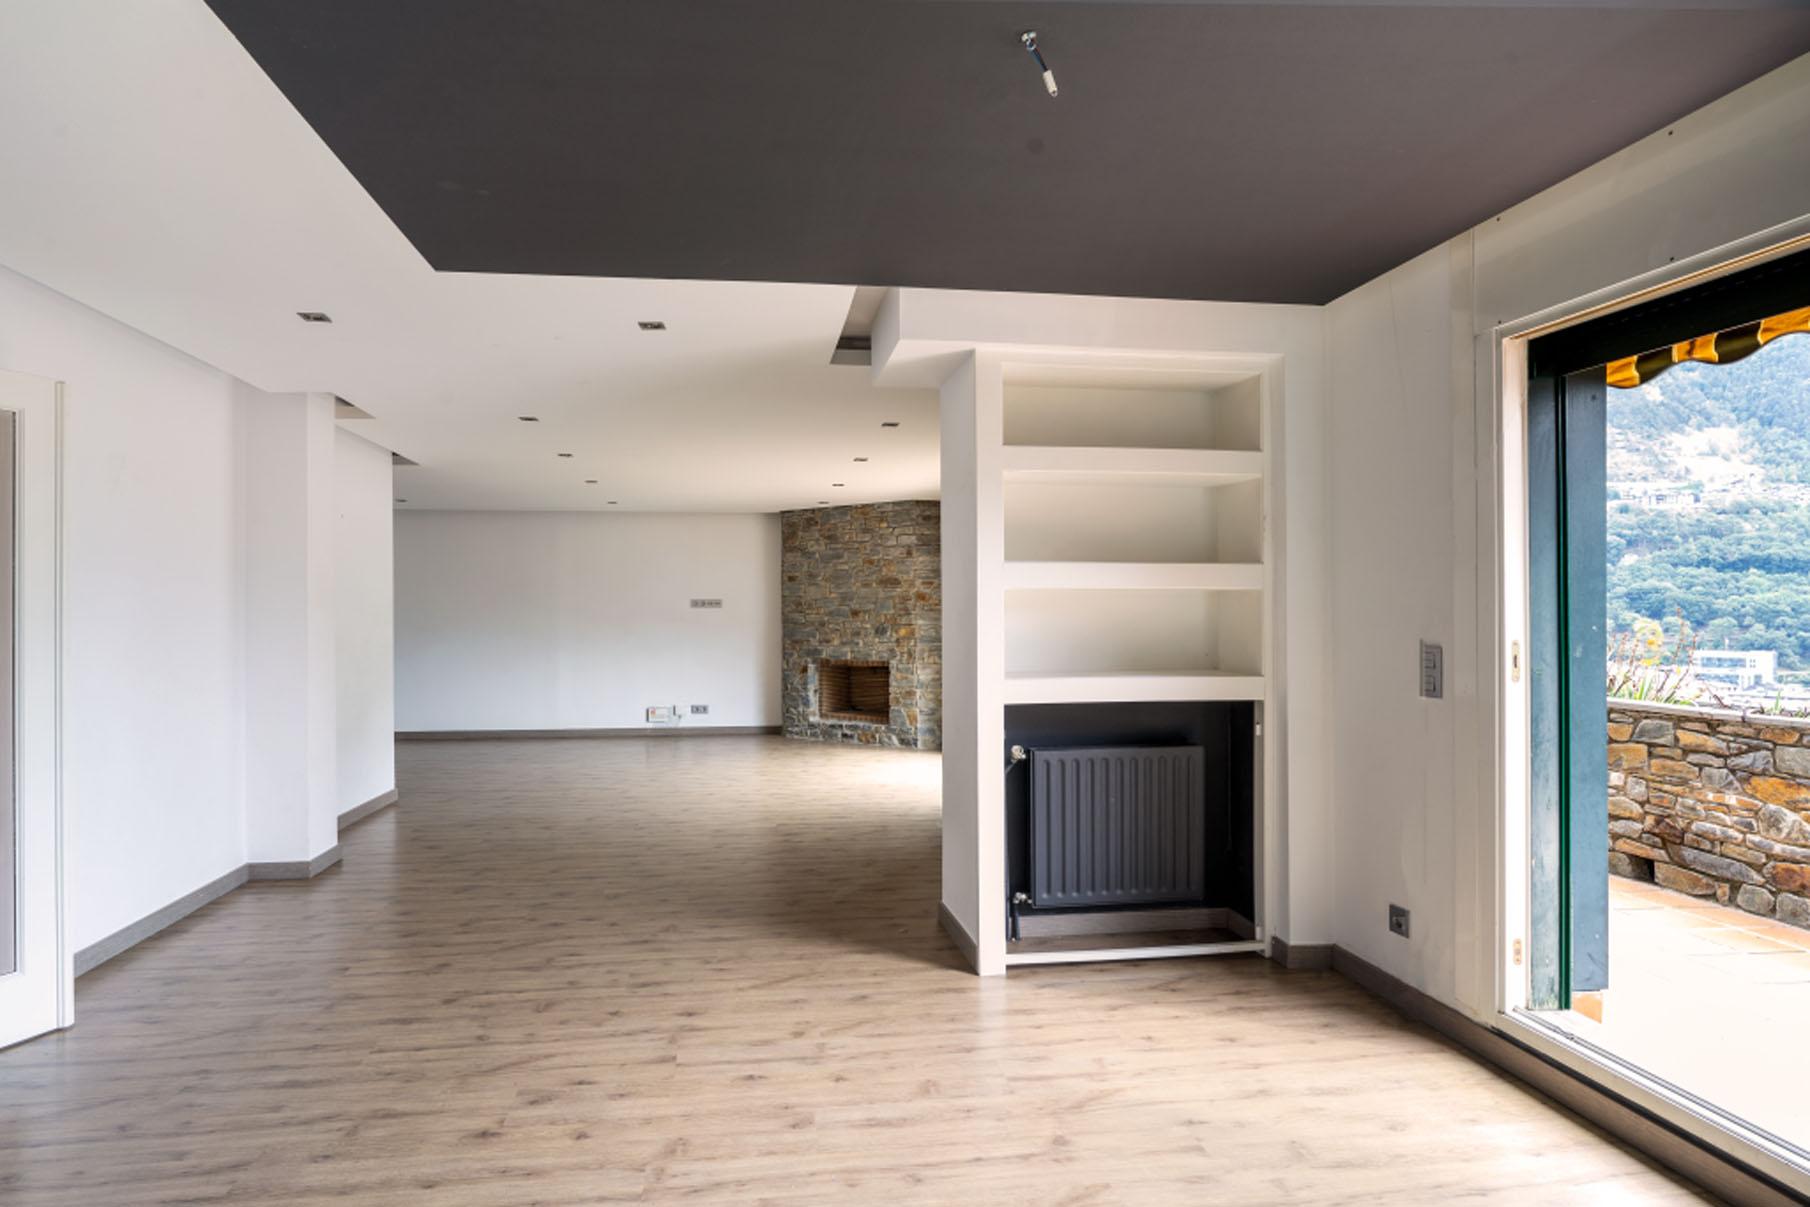 Duplex per comprar a Escaldes-Engordany